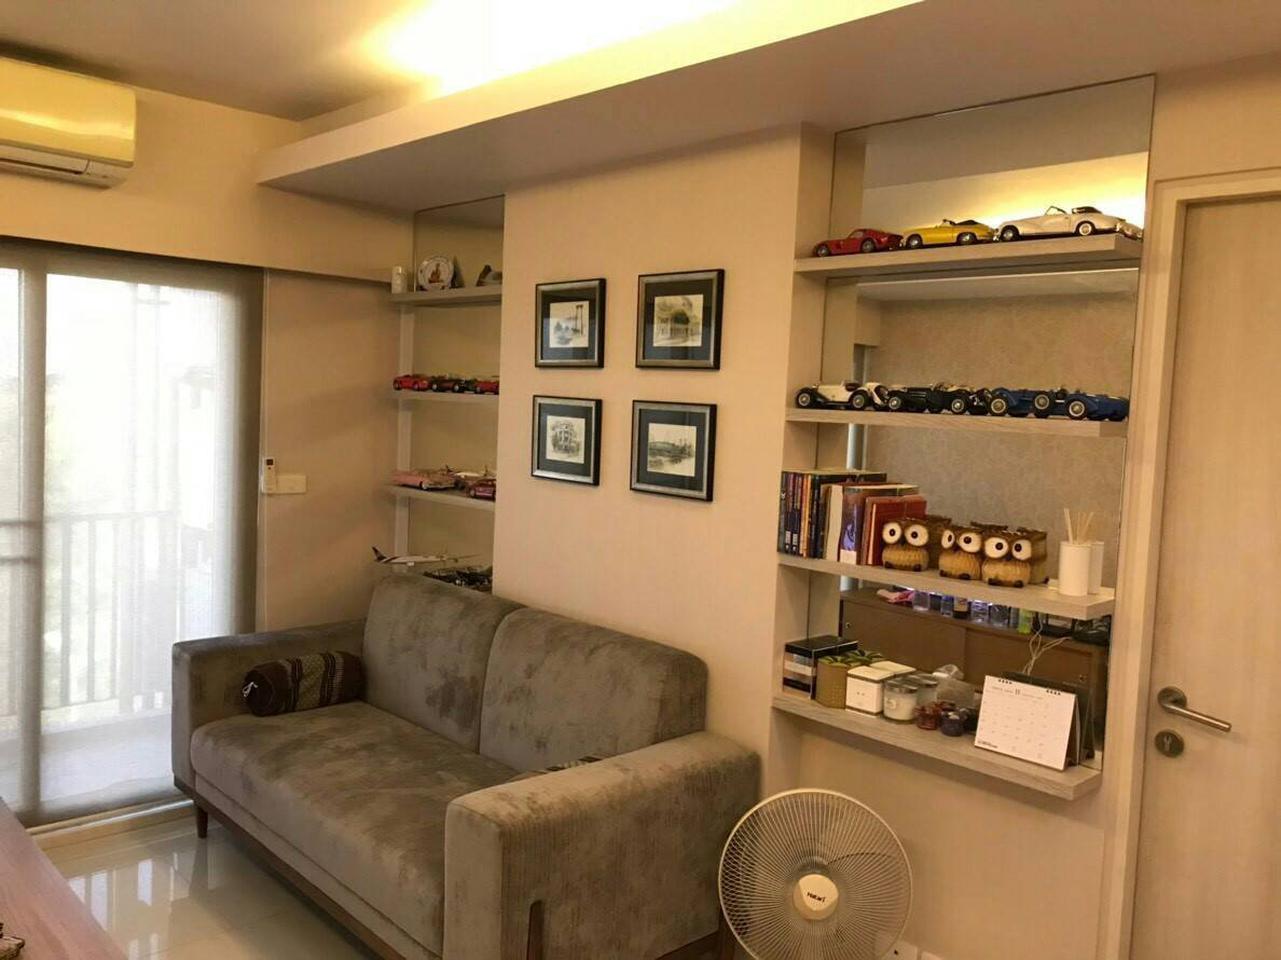 ขายห้องสวย ราคาโดน คอนโด ดับเบิ้ลเลค เฟส 1  รูปที่ 4